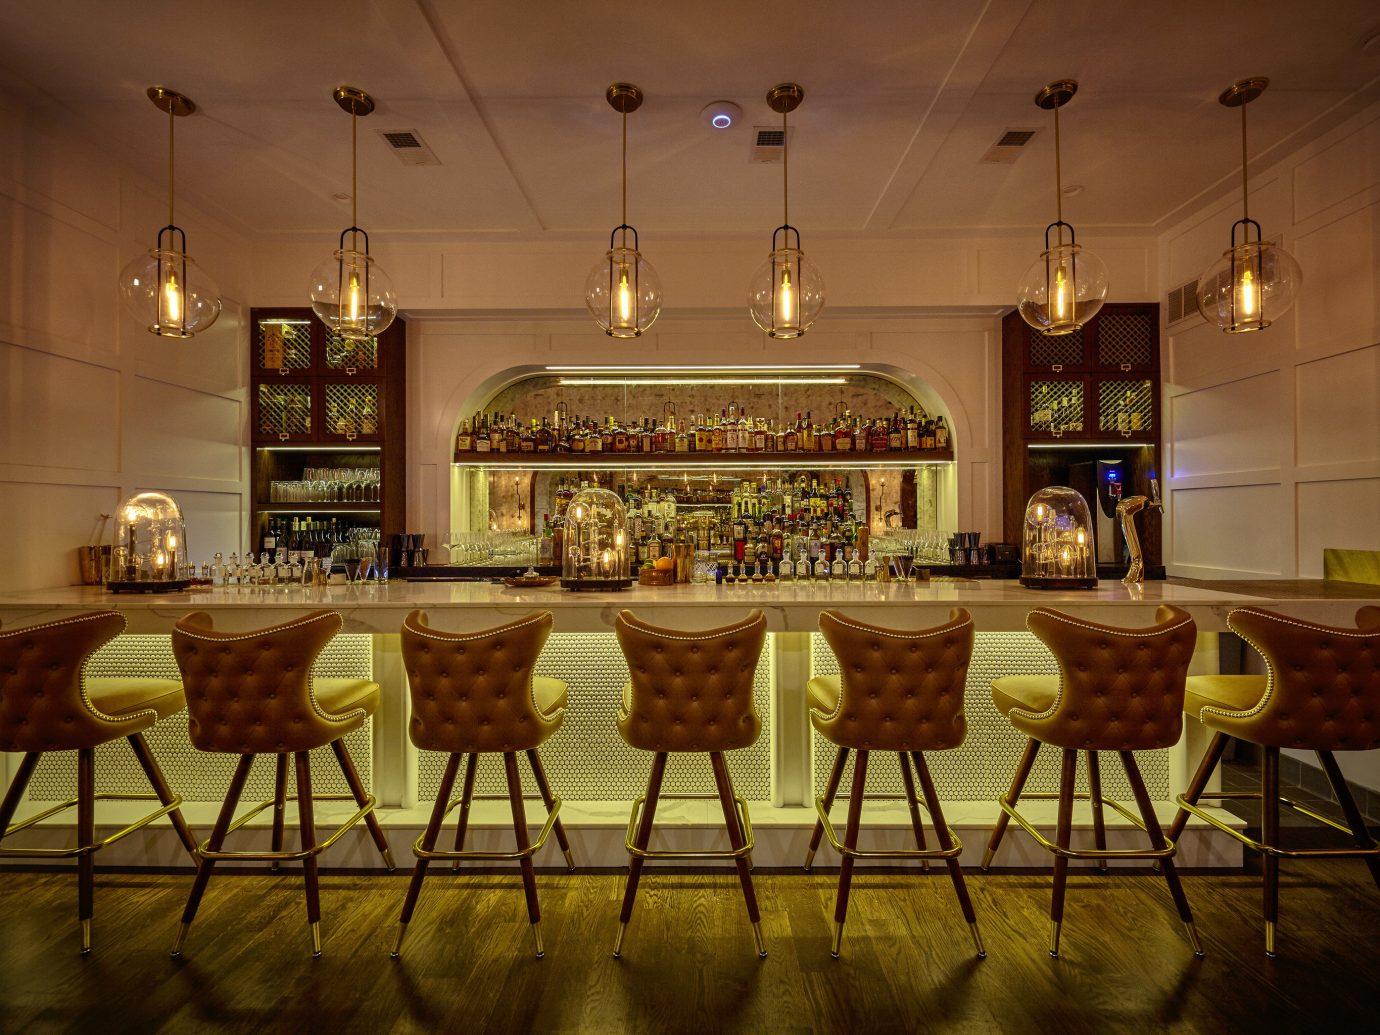 Trip Ideas indoor room estate interior design restaurant function hall meal dining room ballroom